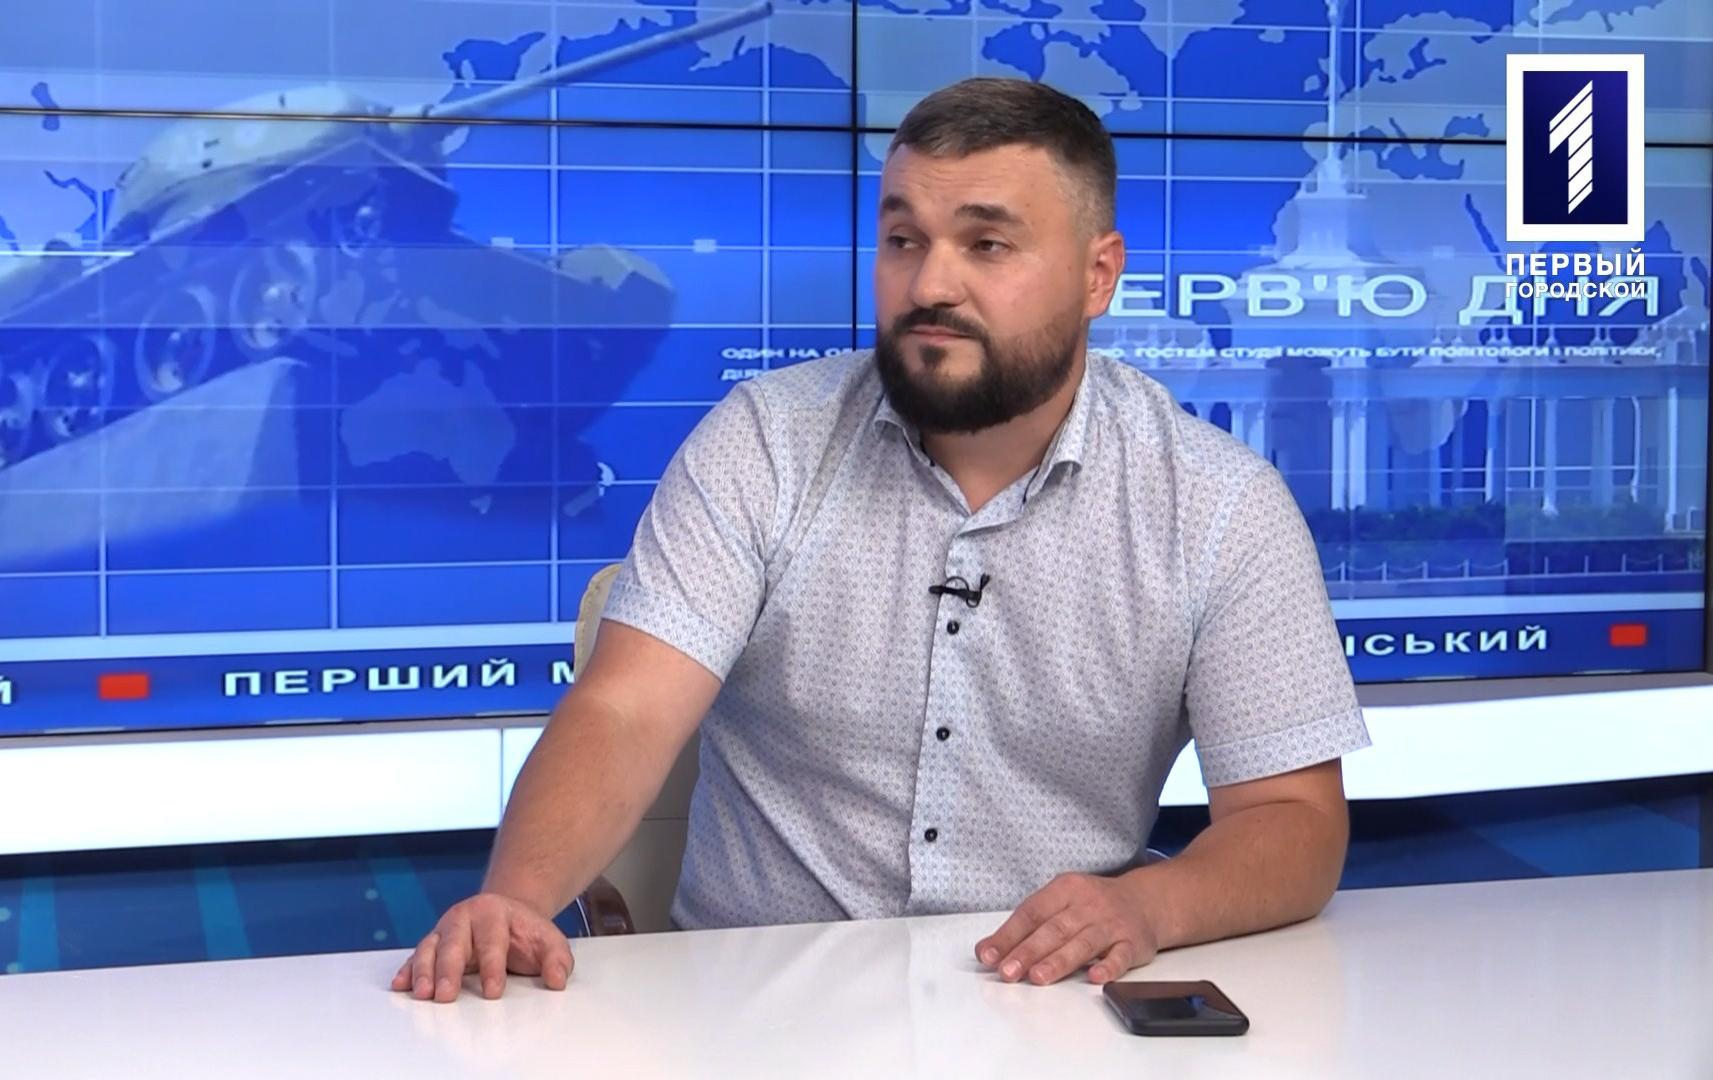 Інтерв'ю дня: Сергій Ільїн - рієлтор, директор агентства нерухомості